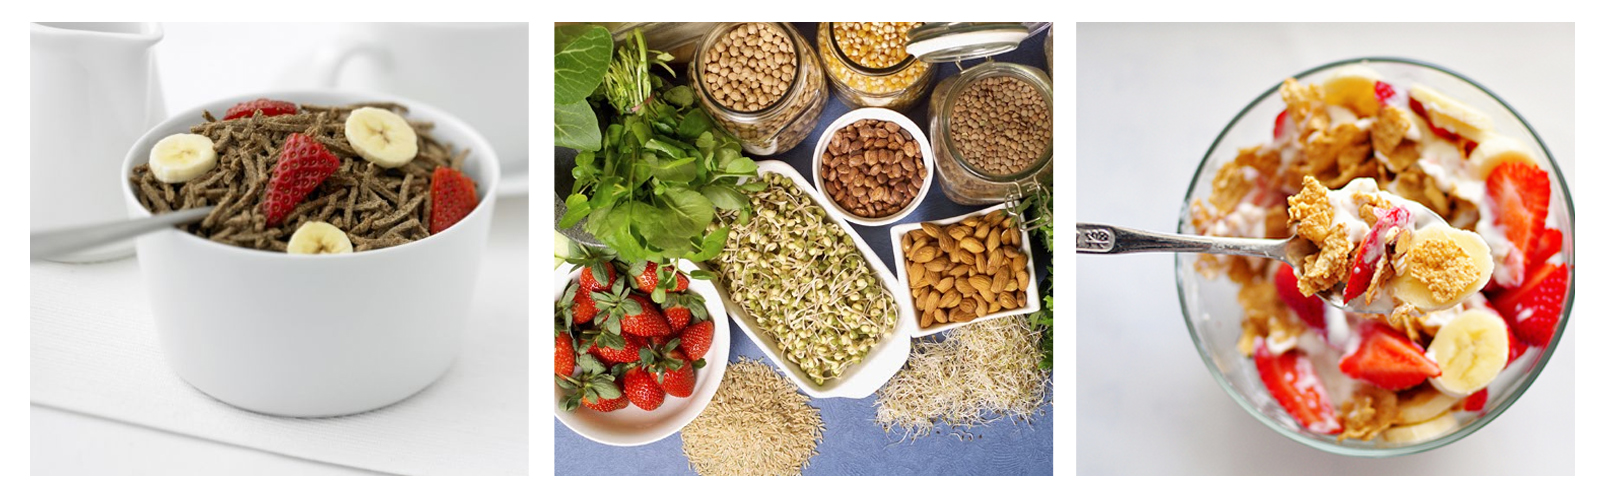 Beneficios múltiples de la fibra para la salud digestiva